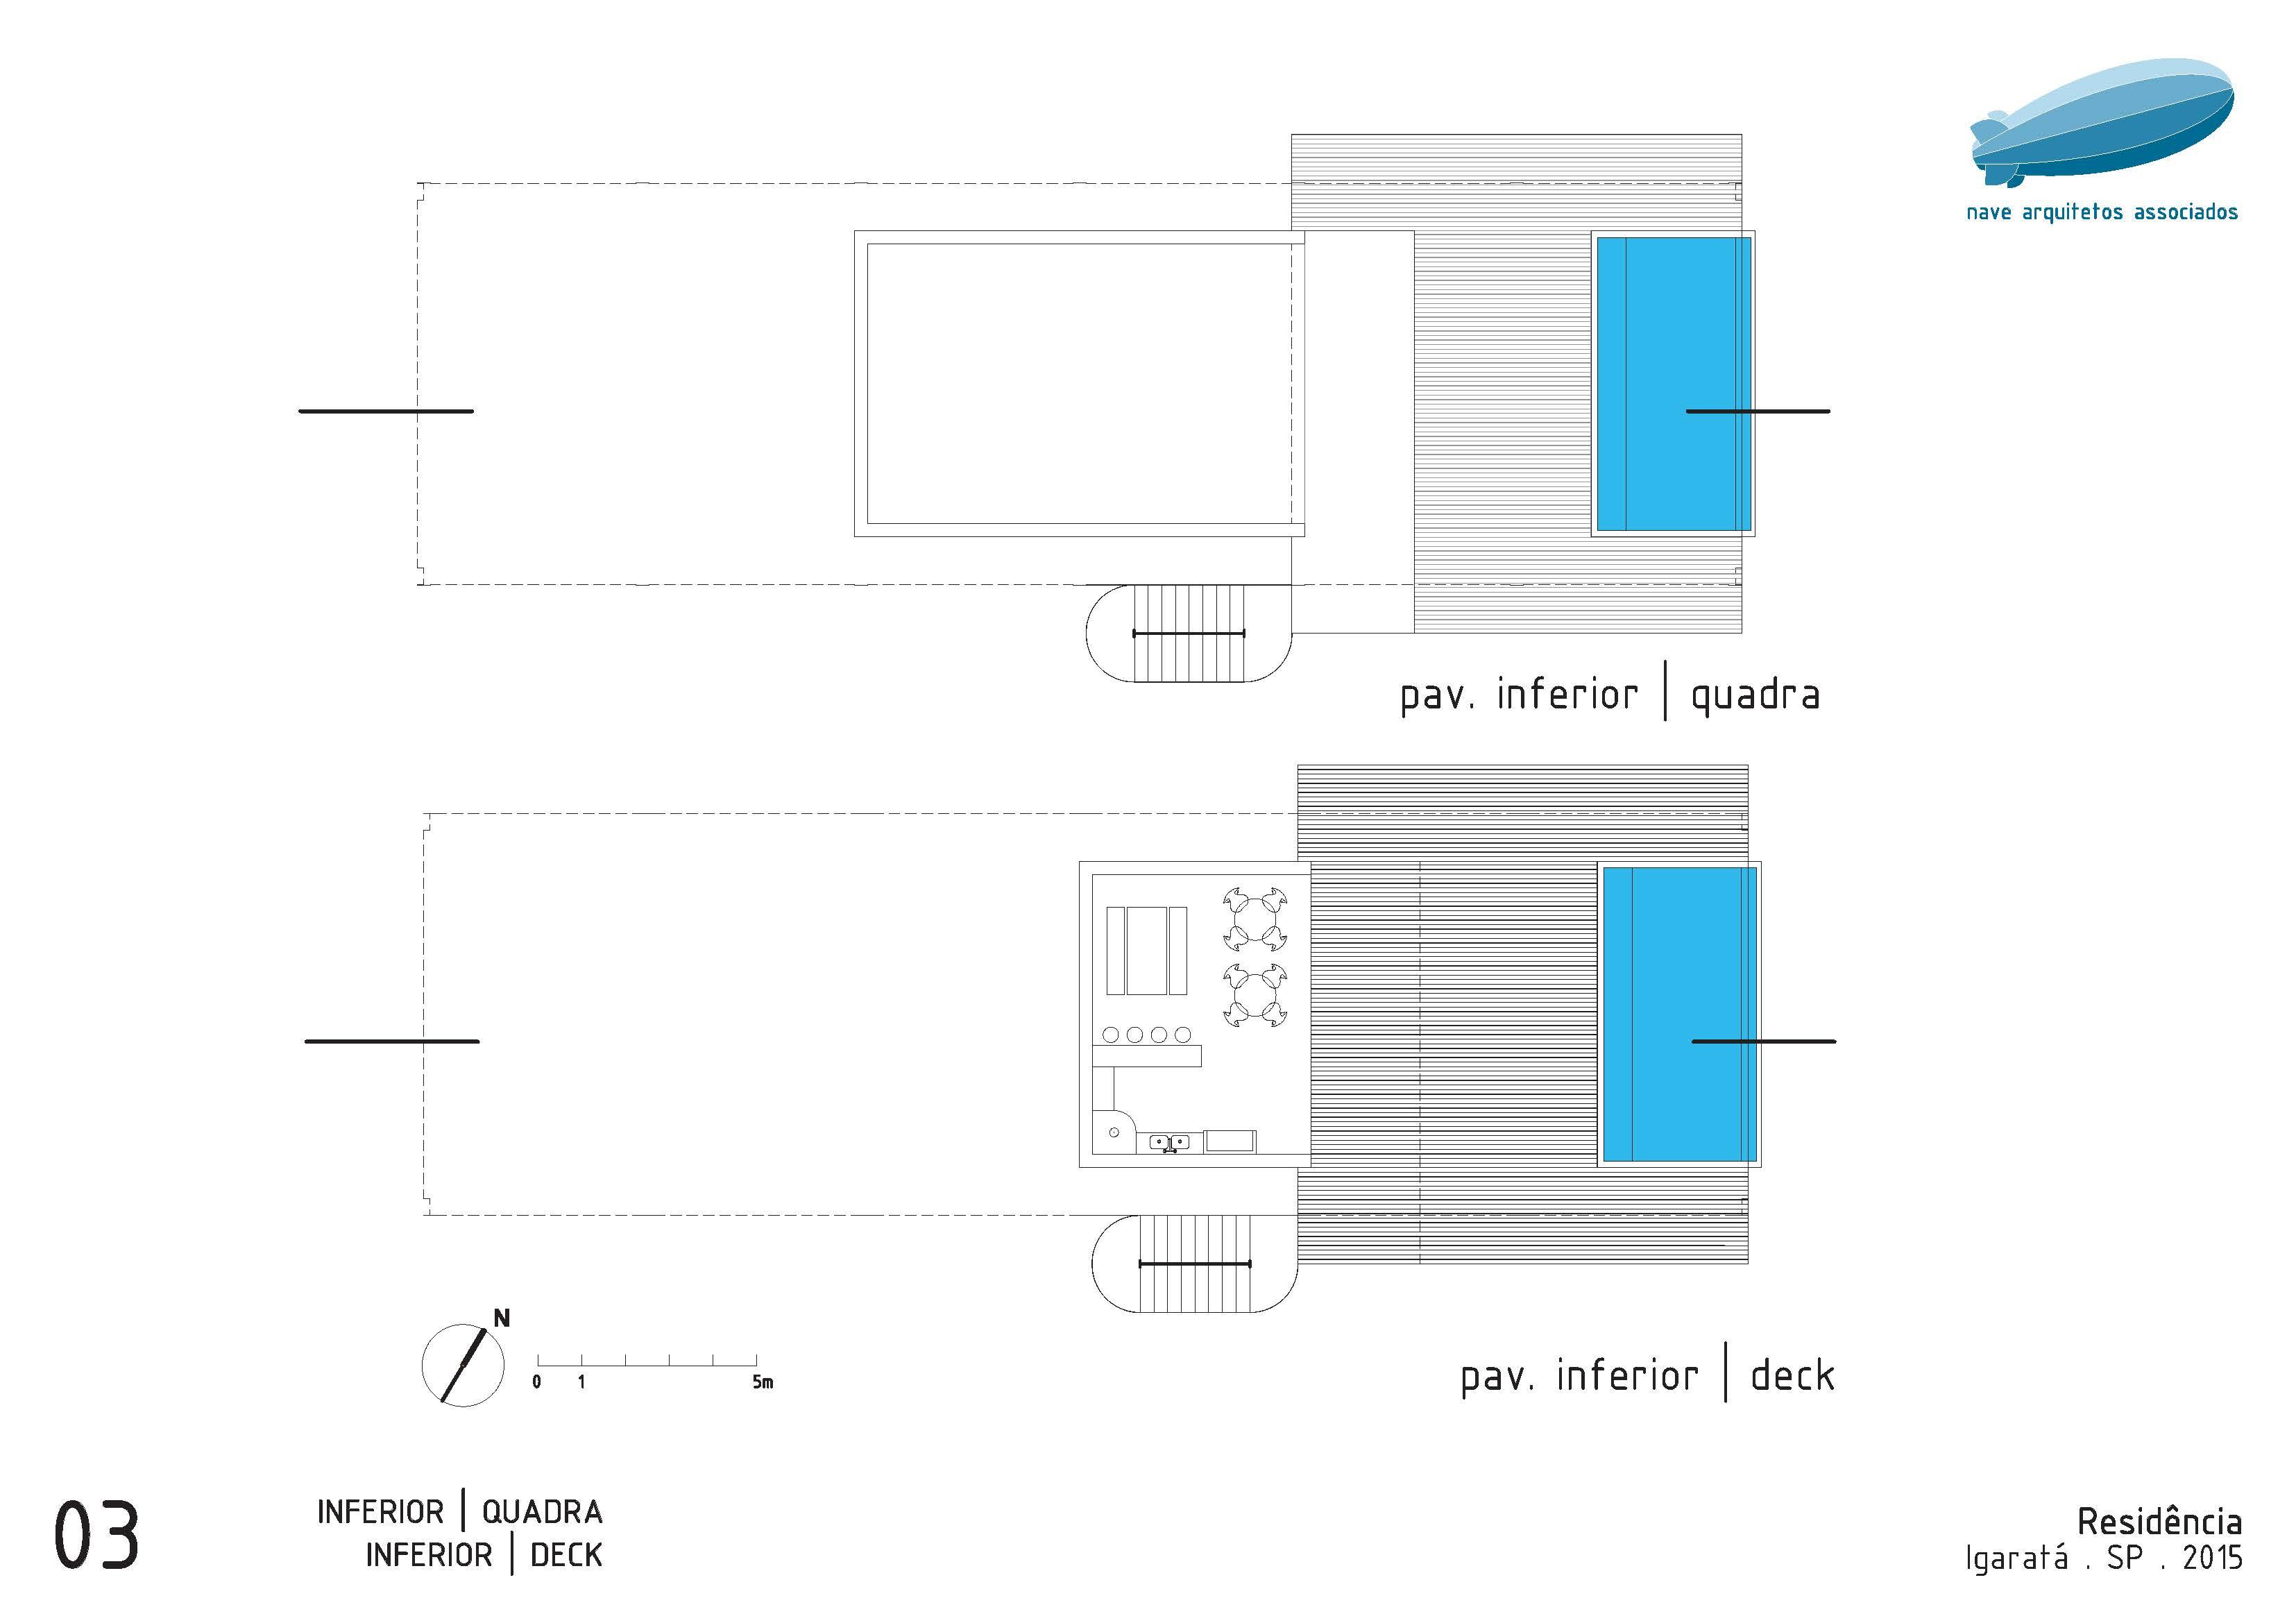 inferior | quadra e deck